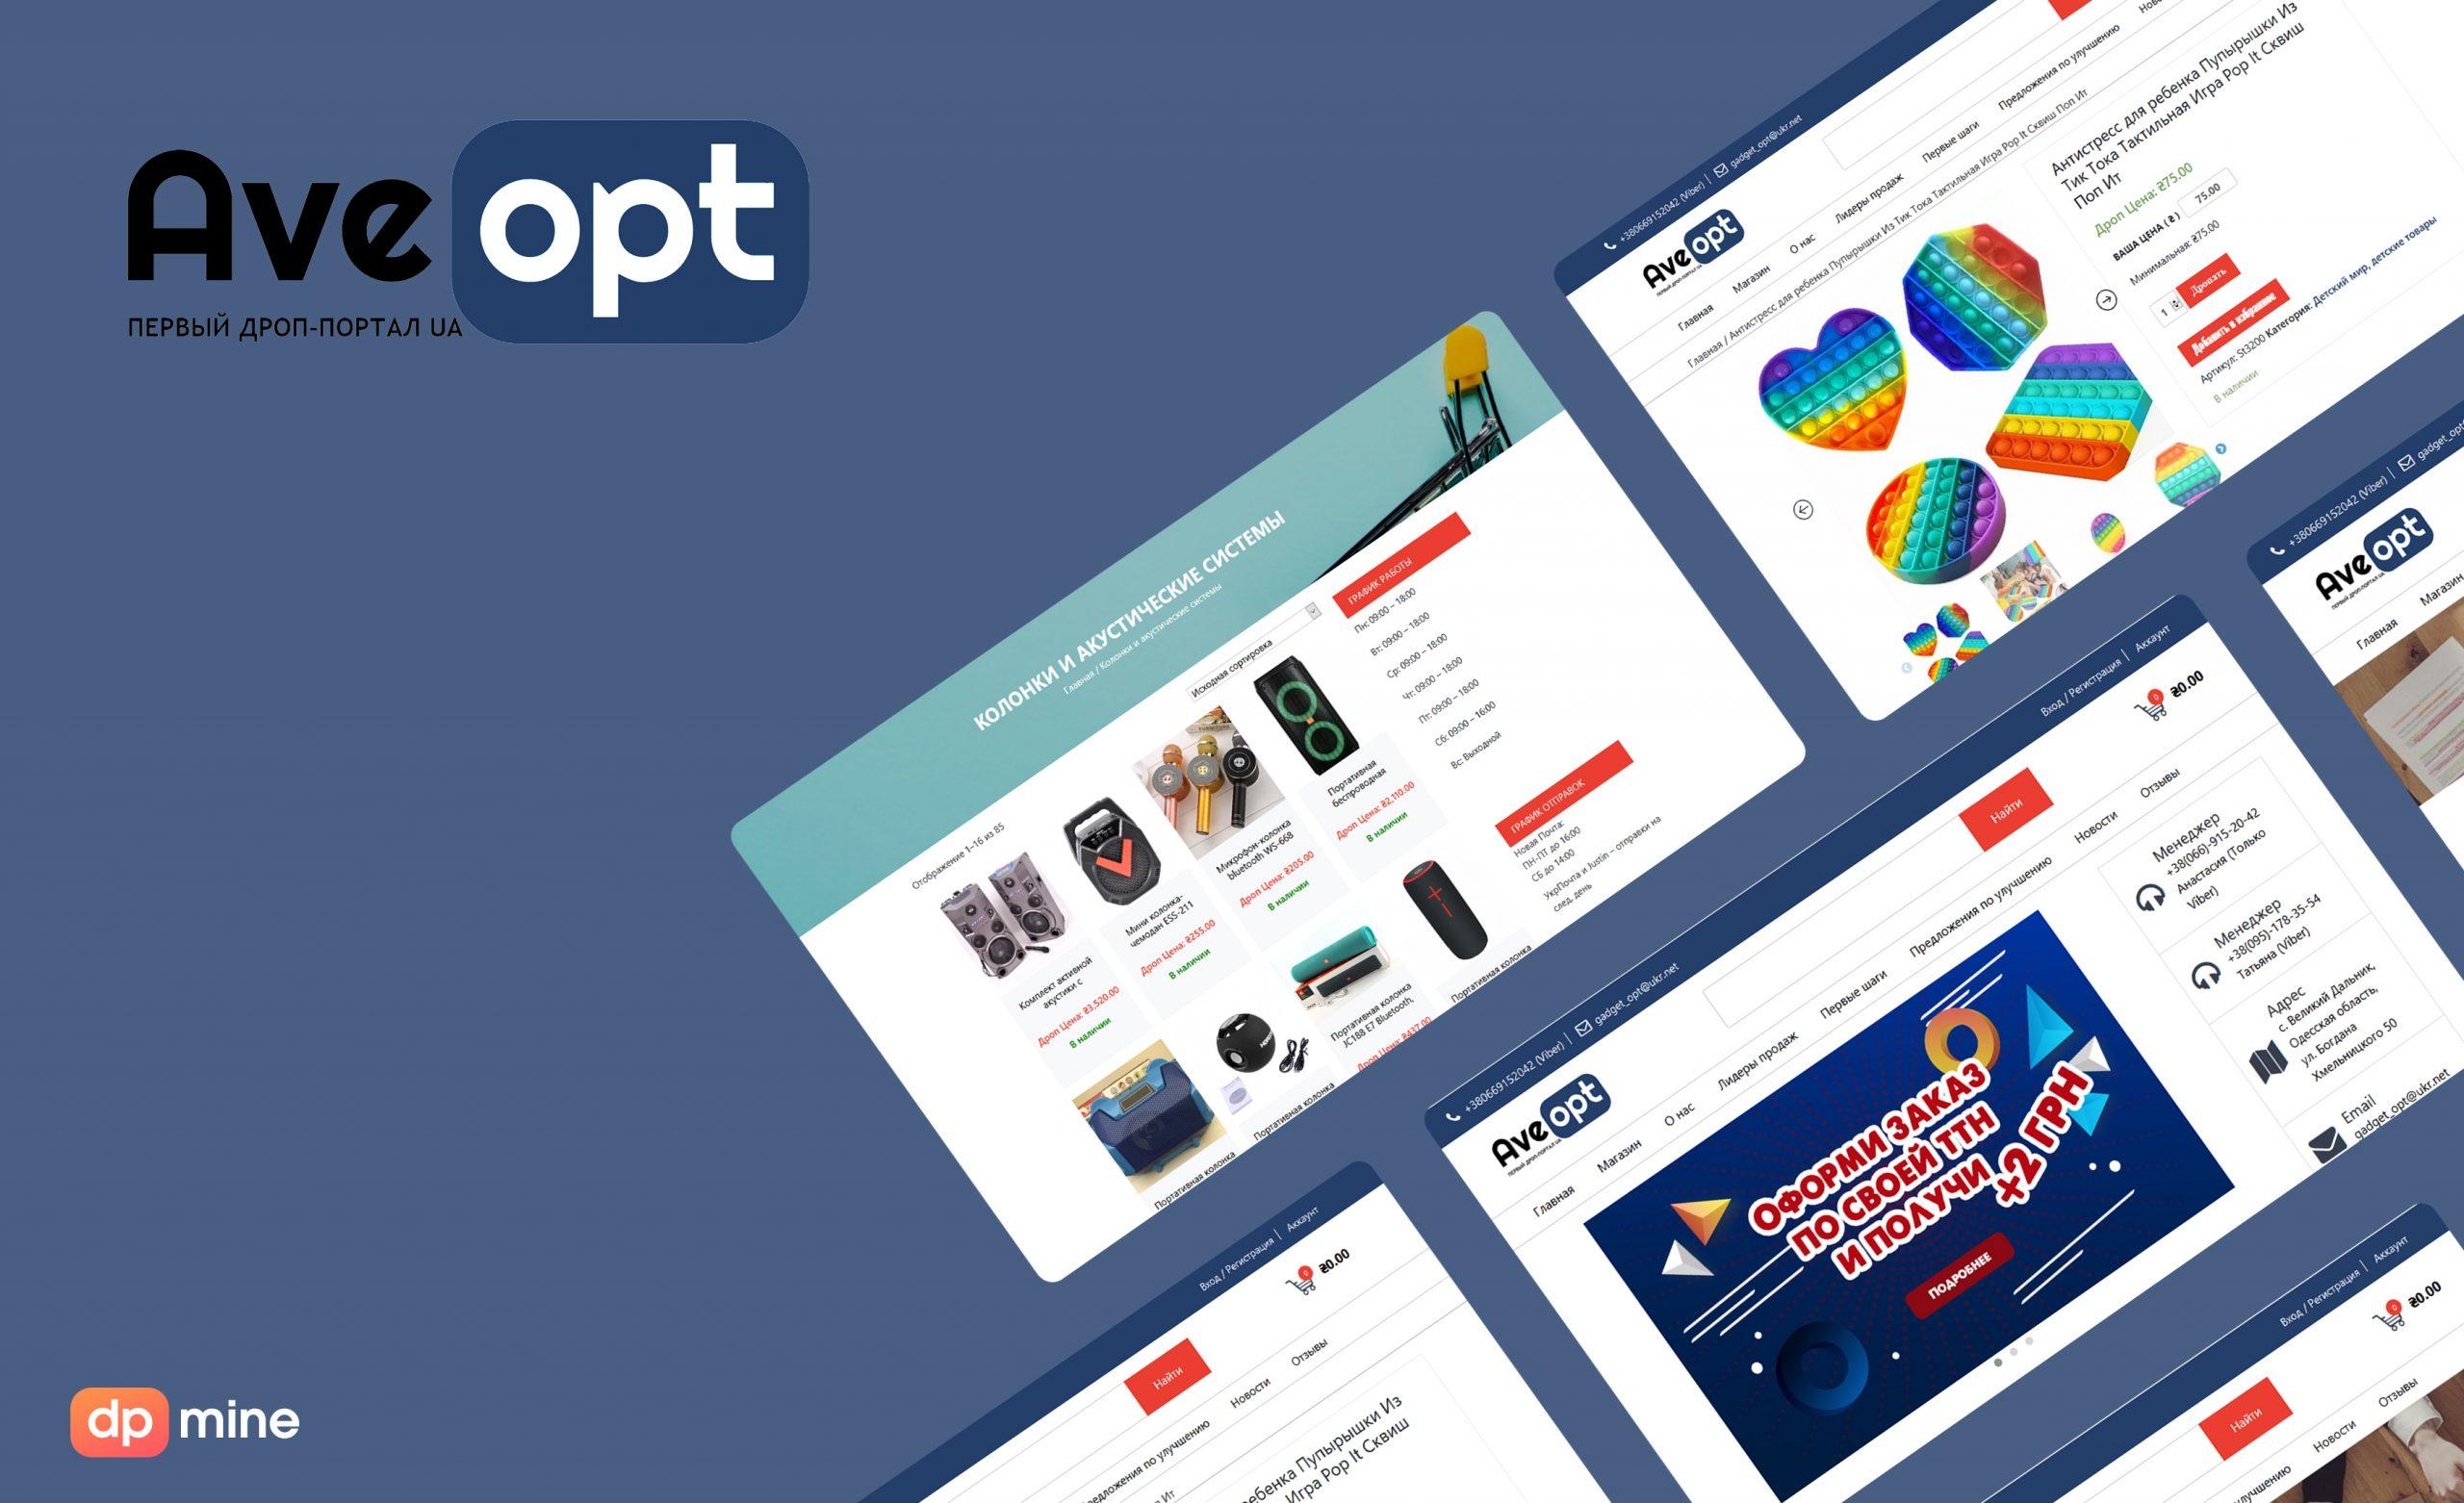 Создание и разработка сайтов от веб-студии dpmine.com.ua, заказать сайт с нуля недорого под ключ в https://www.aveopt.com.ua/ - dpmine.com.ua